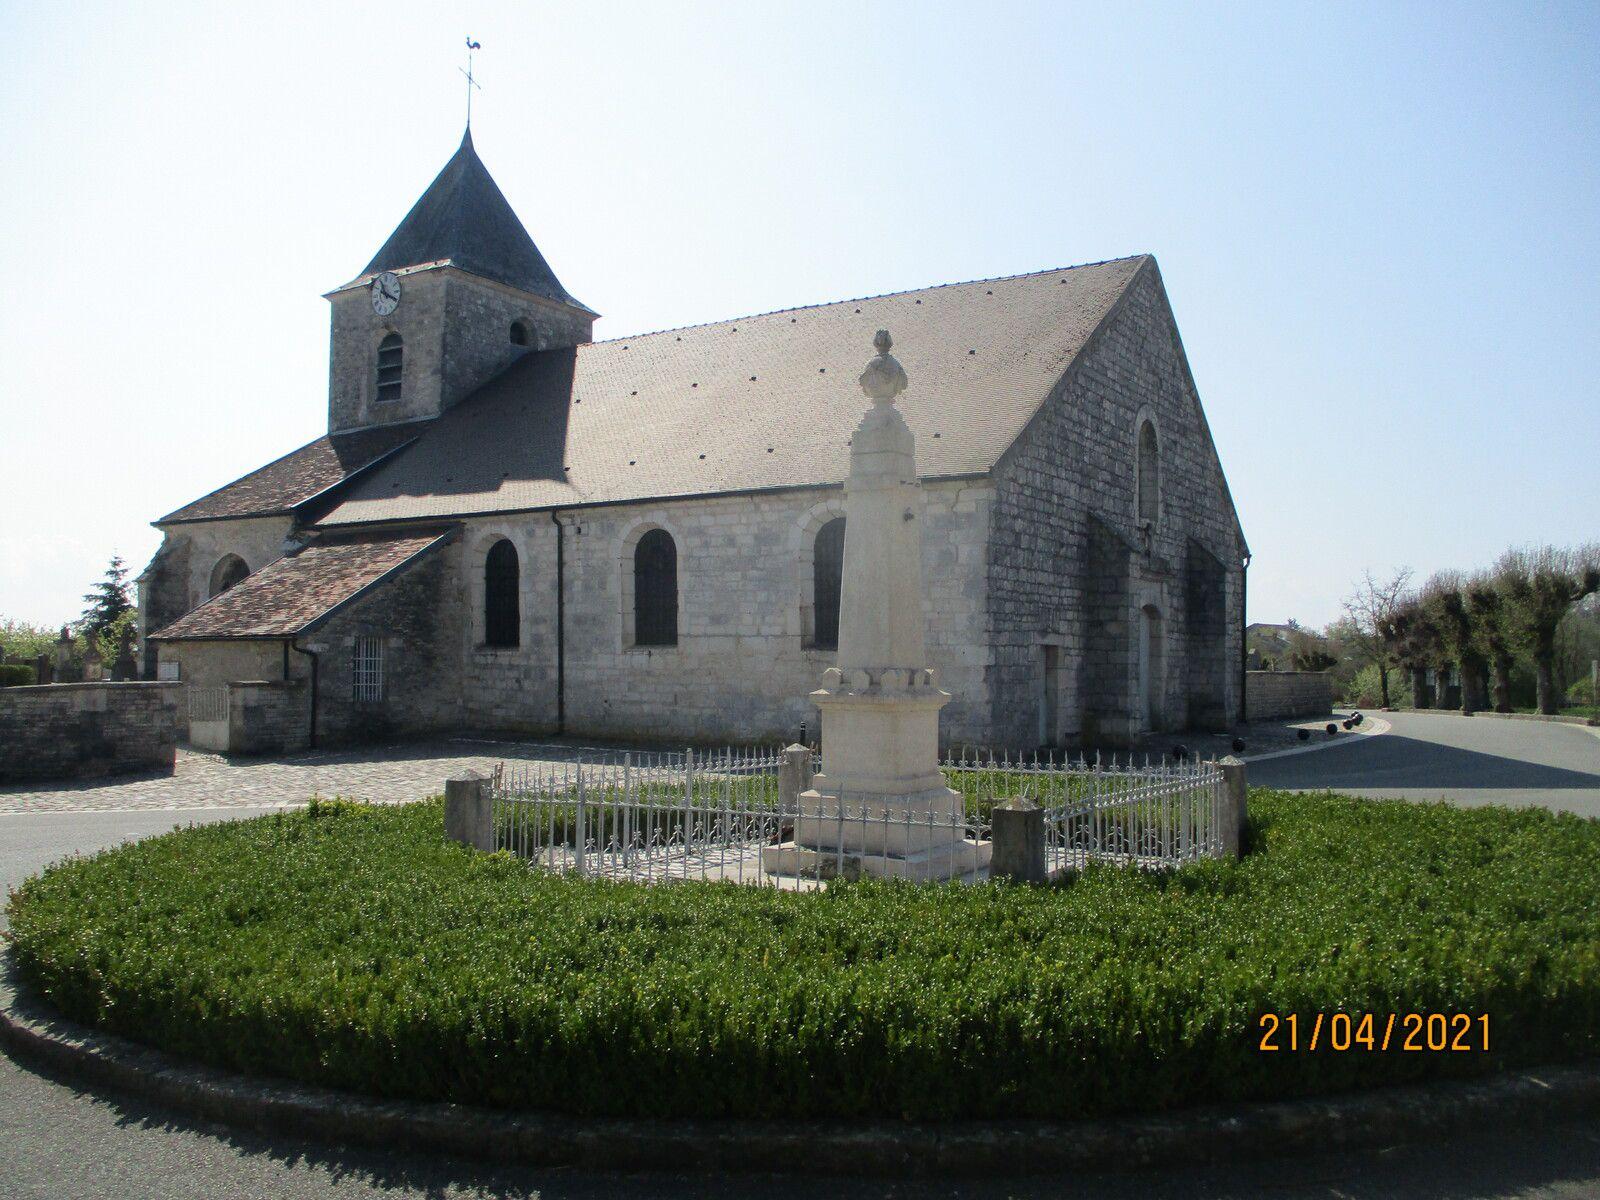 L'église Notre-Dame-en-son-Assomption est l'église paroissiale encore utilisée pour le culte. Elle possède un chœur de la fin du XIe, une abside du XVIIIe, une chapelle de la Vierge et de Saint-Nicolas du XVIe, une nef et des bas-côtés du XVIIIe, statues en pierre polychrome et bois doré du XVIIe au XIXe siècle. Lorsqu'il assistait à la messe, le général de Gaulle occupait le 7e banc à droite (Wikipédia).